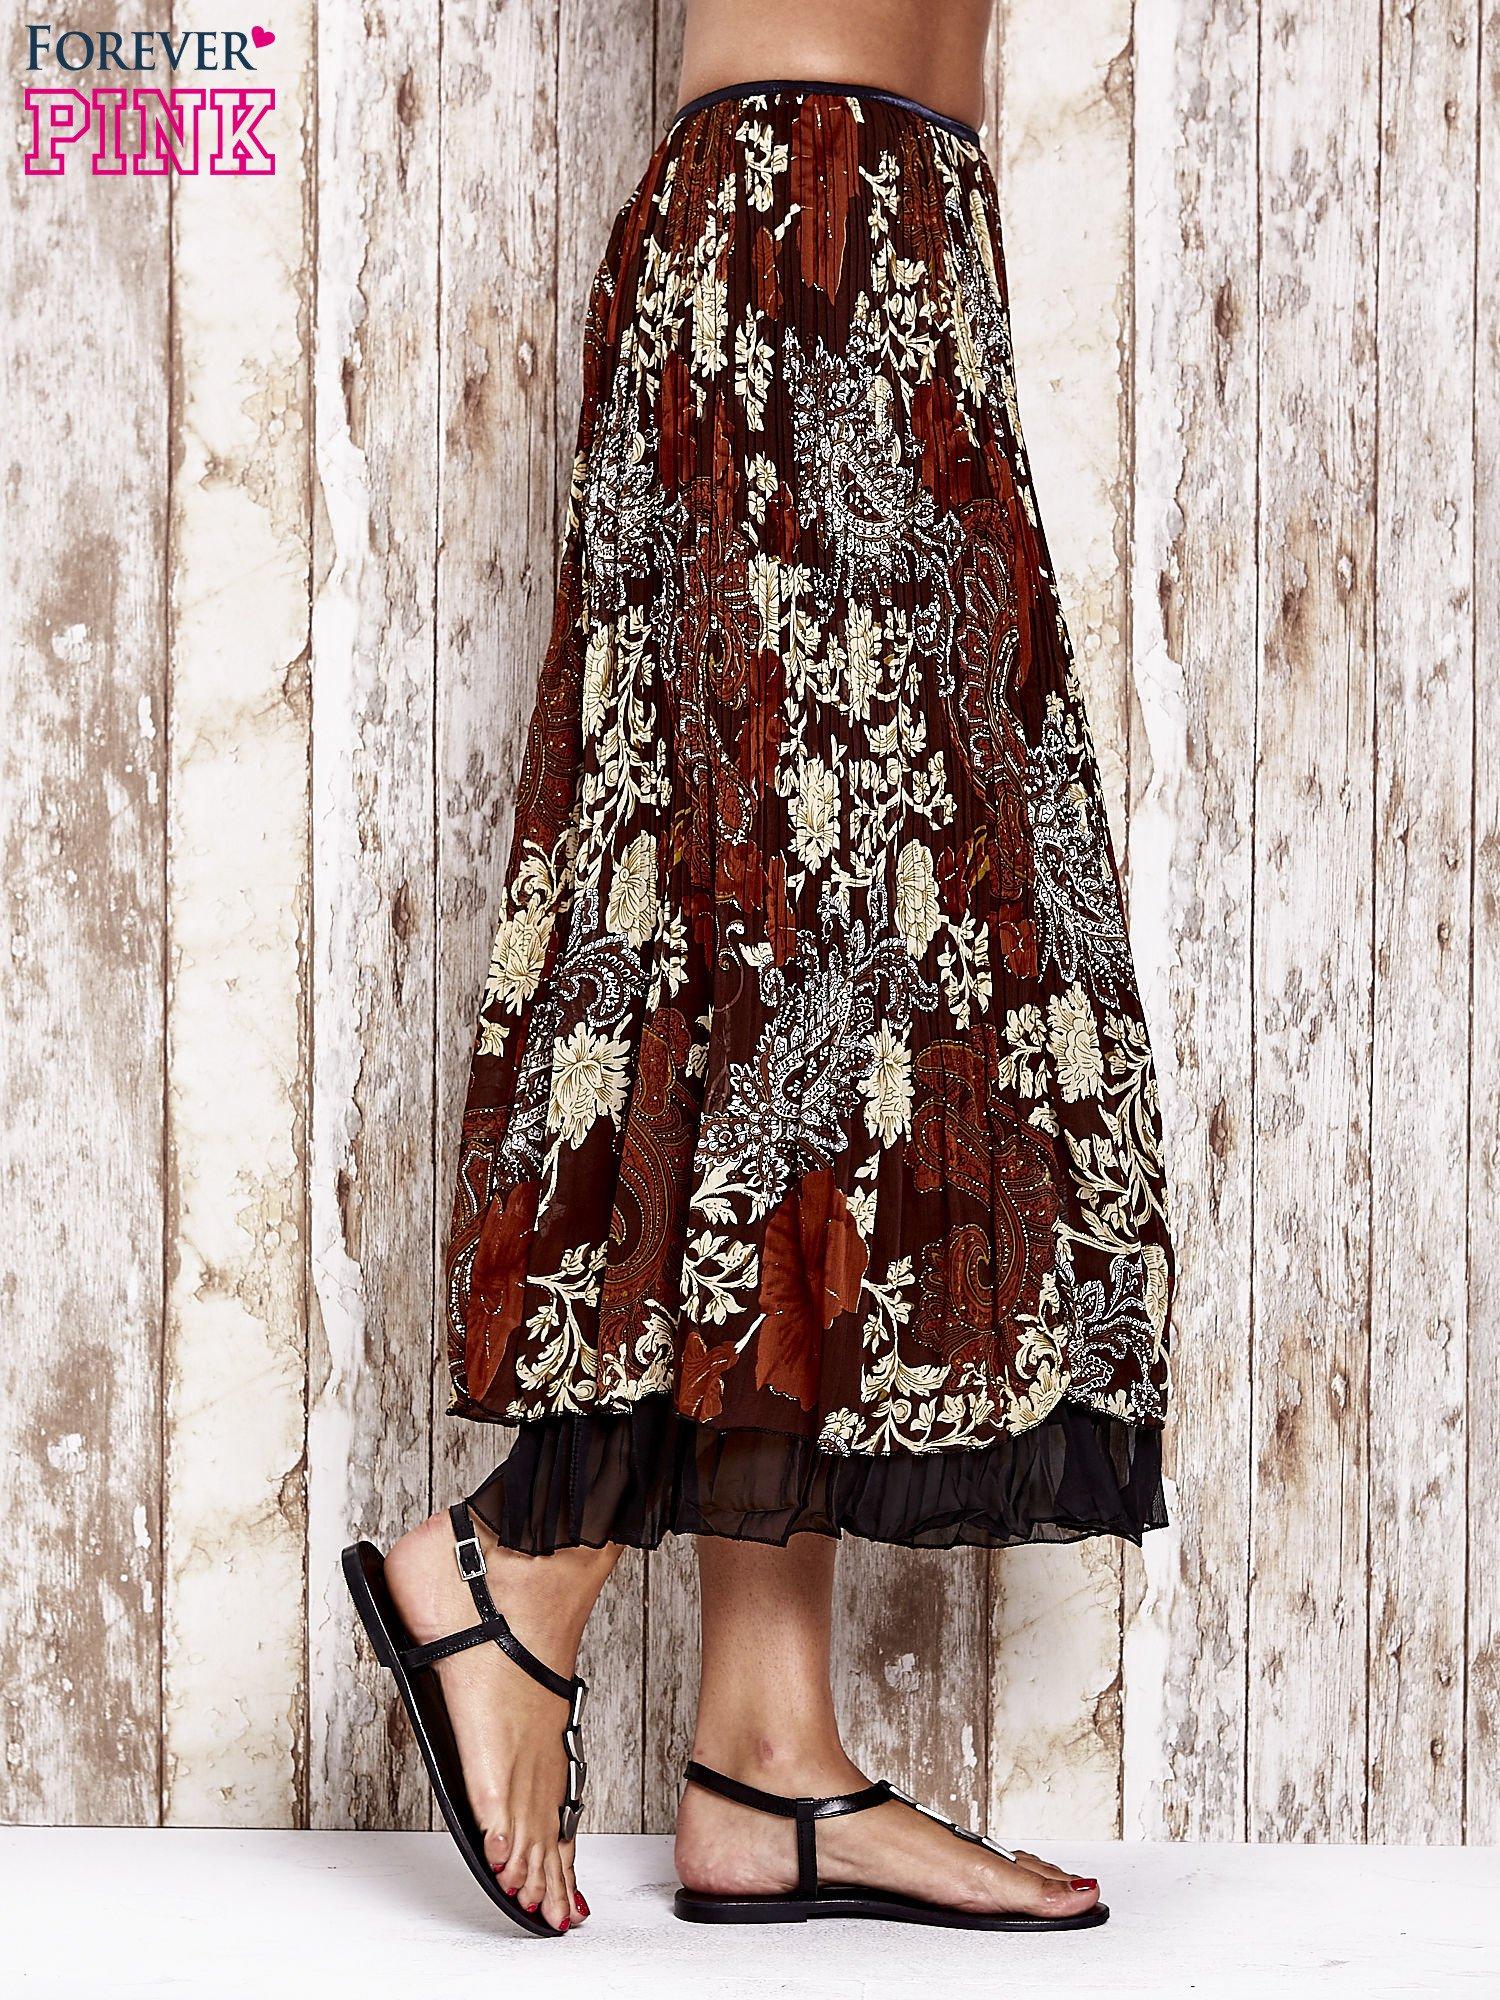 Brązowa plisowana spódnica midi z brokatem                                  zdj.                                  3